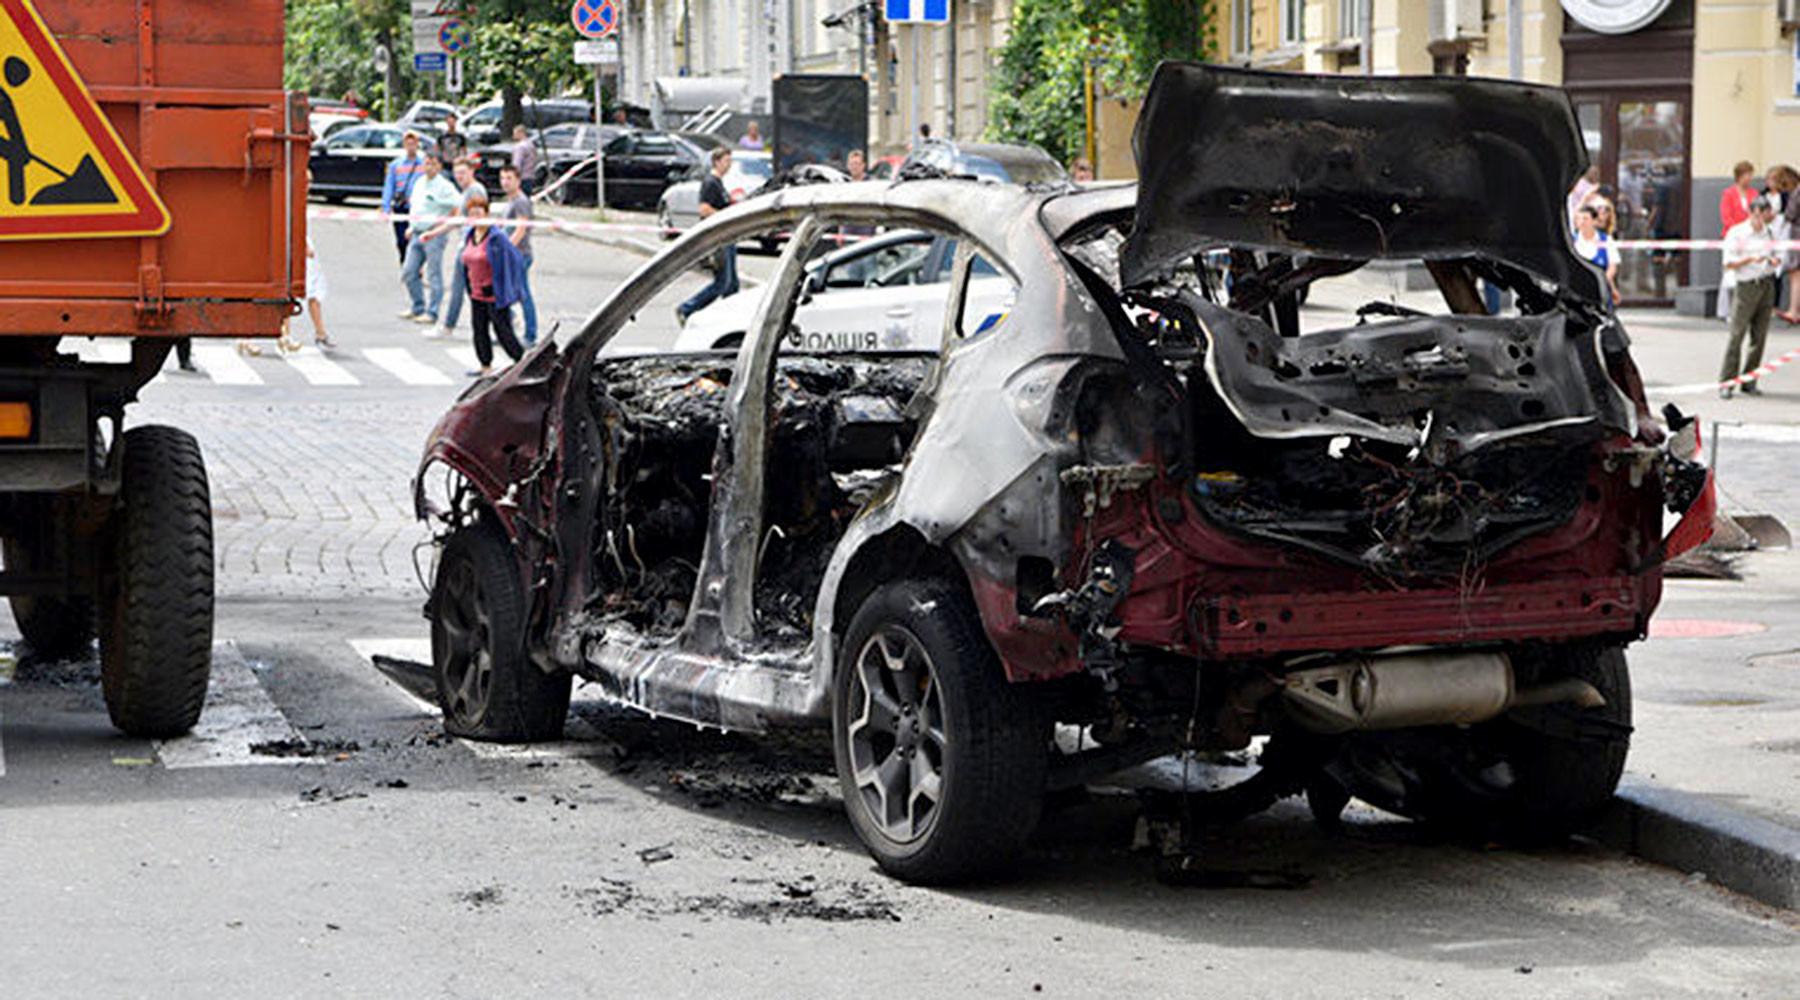 «Правосудия до сих пор нет»: почему спустя год украинские власти так и не нашли убийц Павла Шеремета